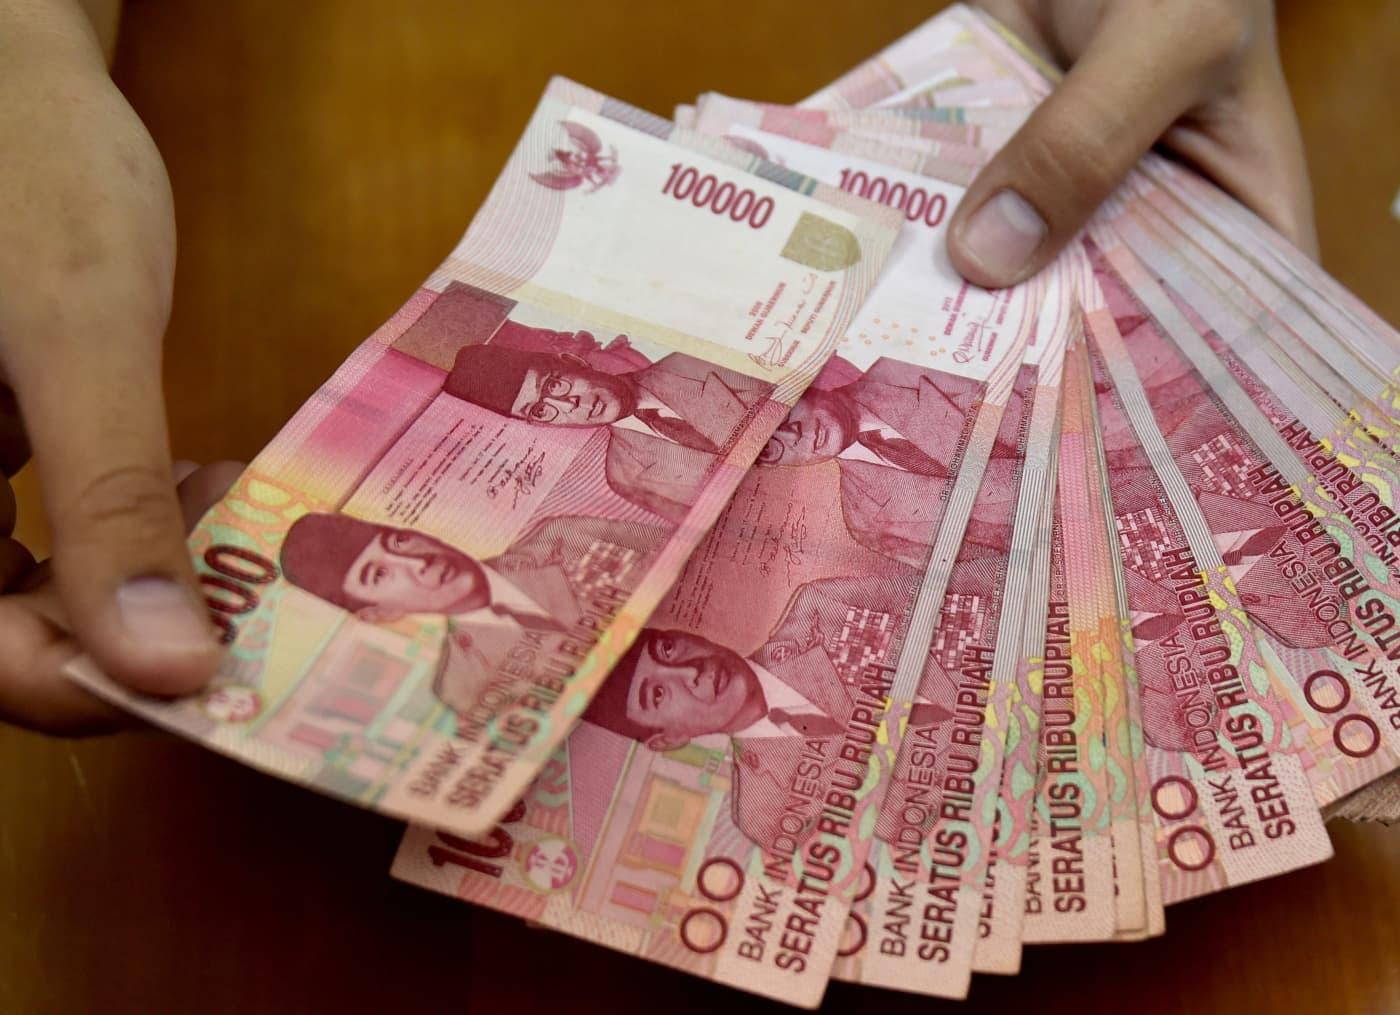 Premium: Indonesia rupiah 161219 EU